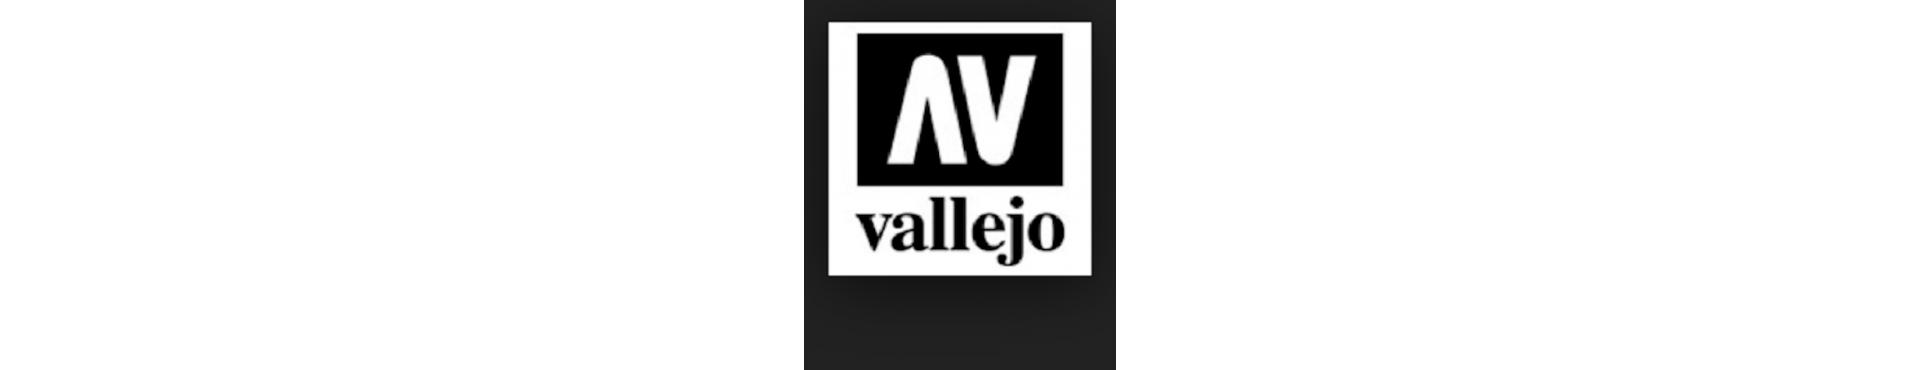 Acuarelas Vallejo